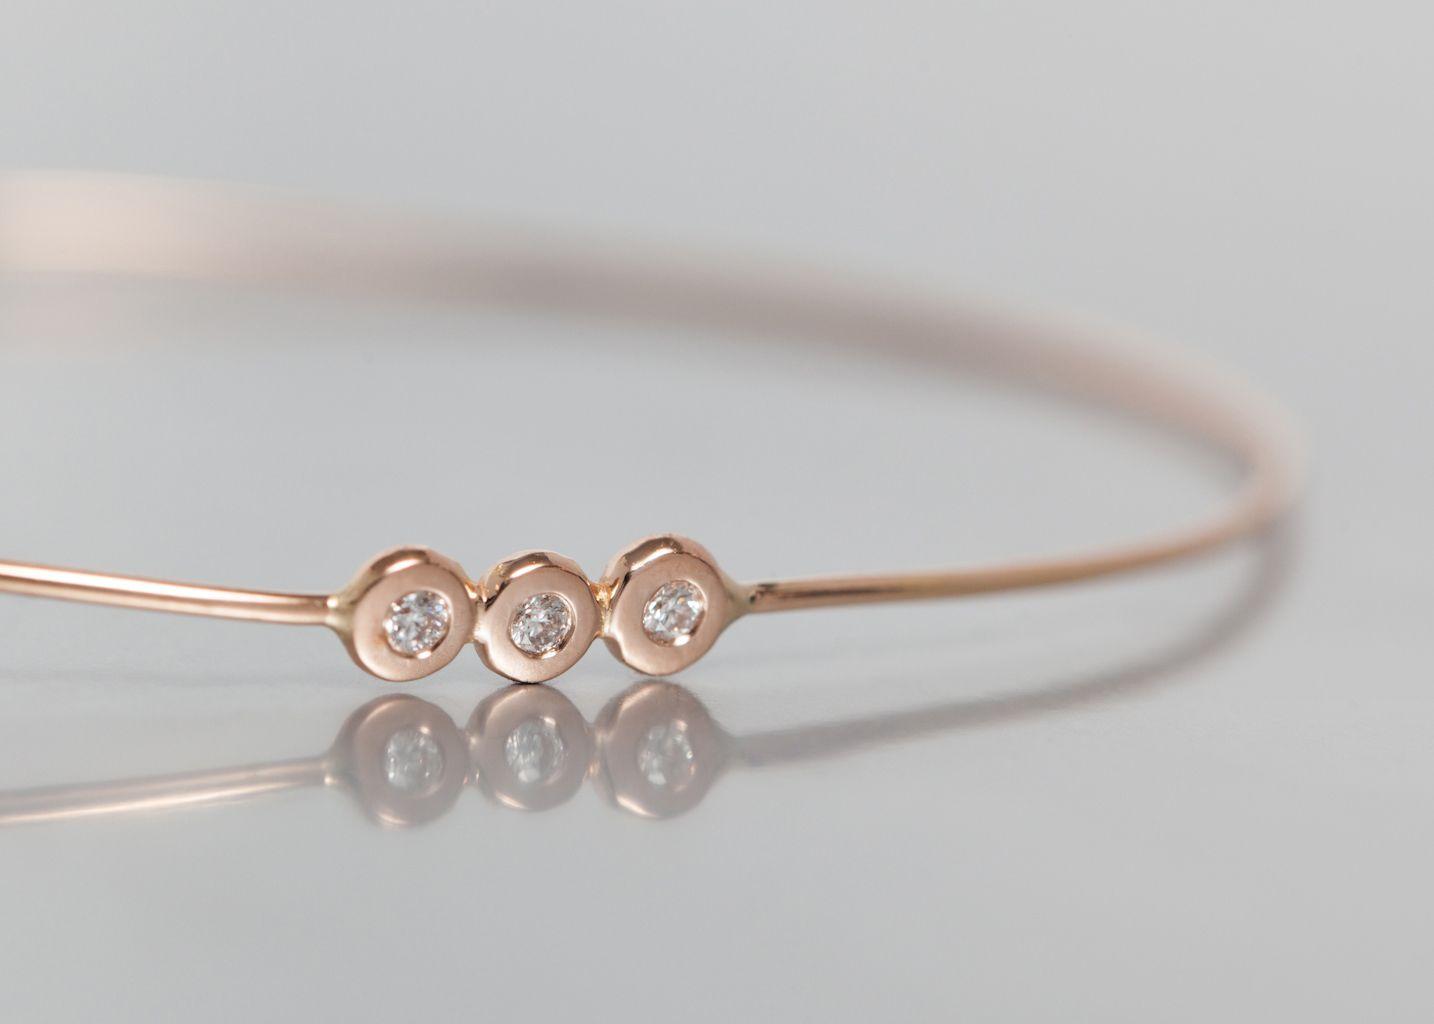 bracelet emy princesse monsieur or rose en vente chez l 39 exception. Black Bedroom Furniture Sets. Home Design Ideas